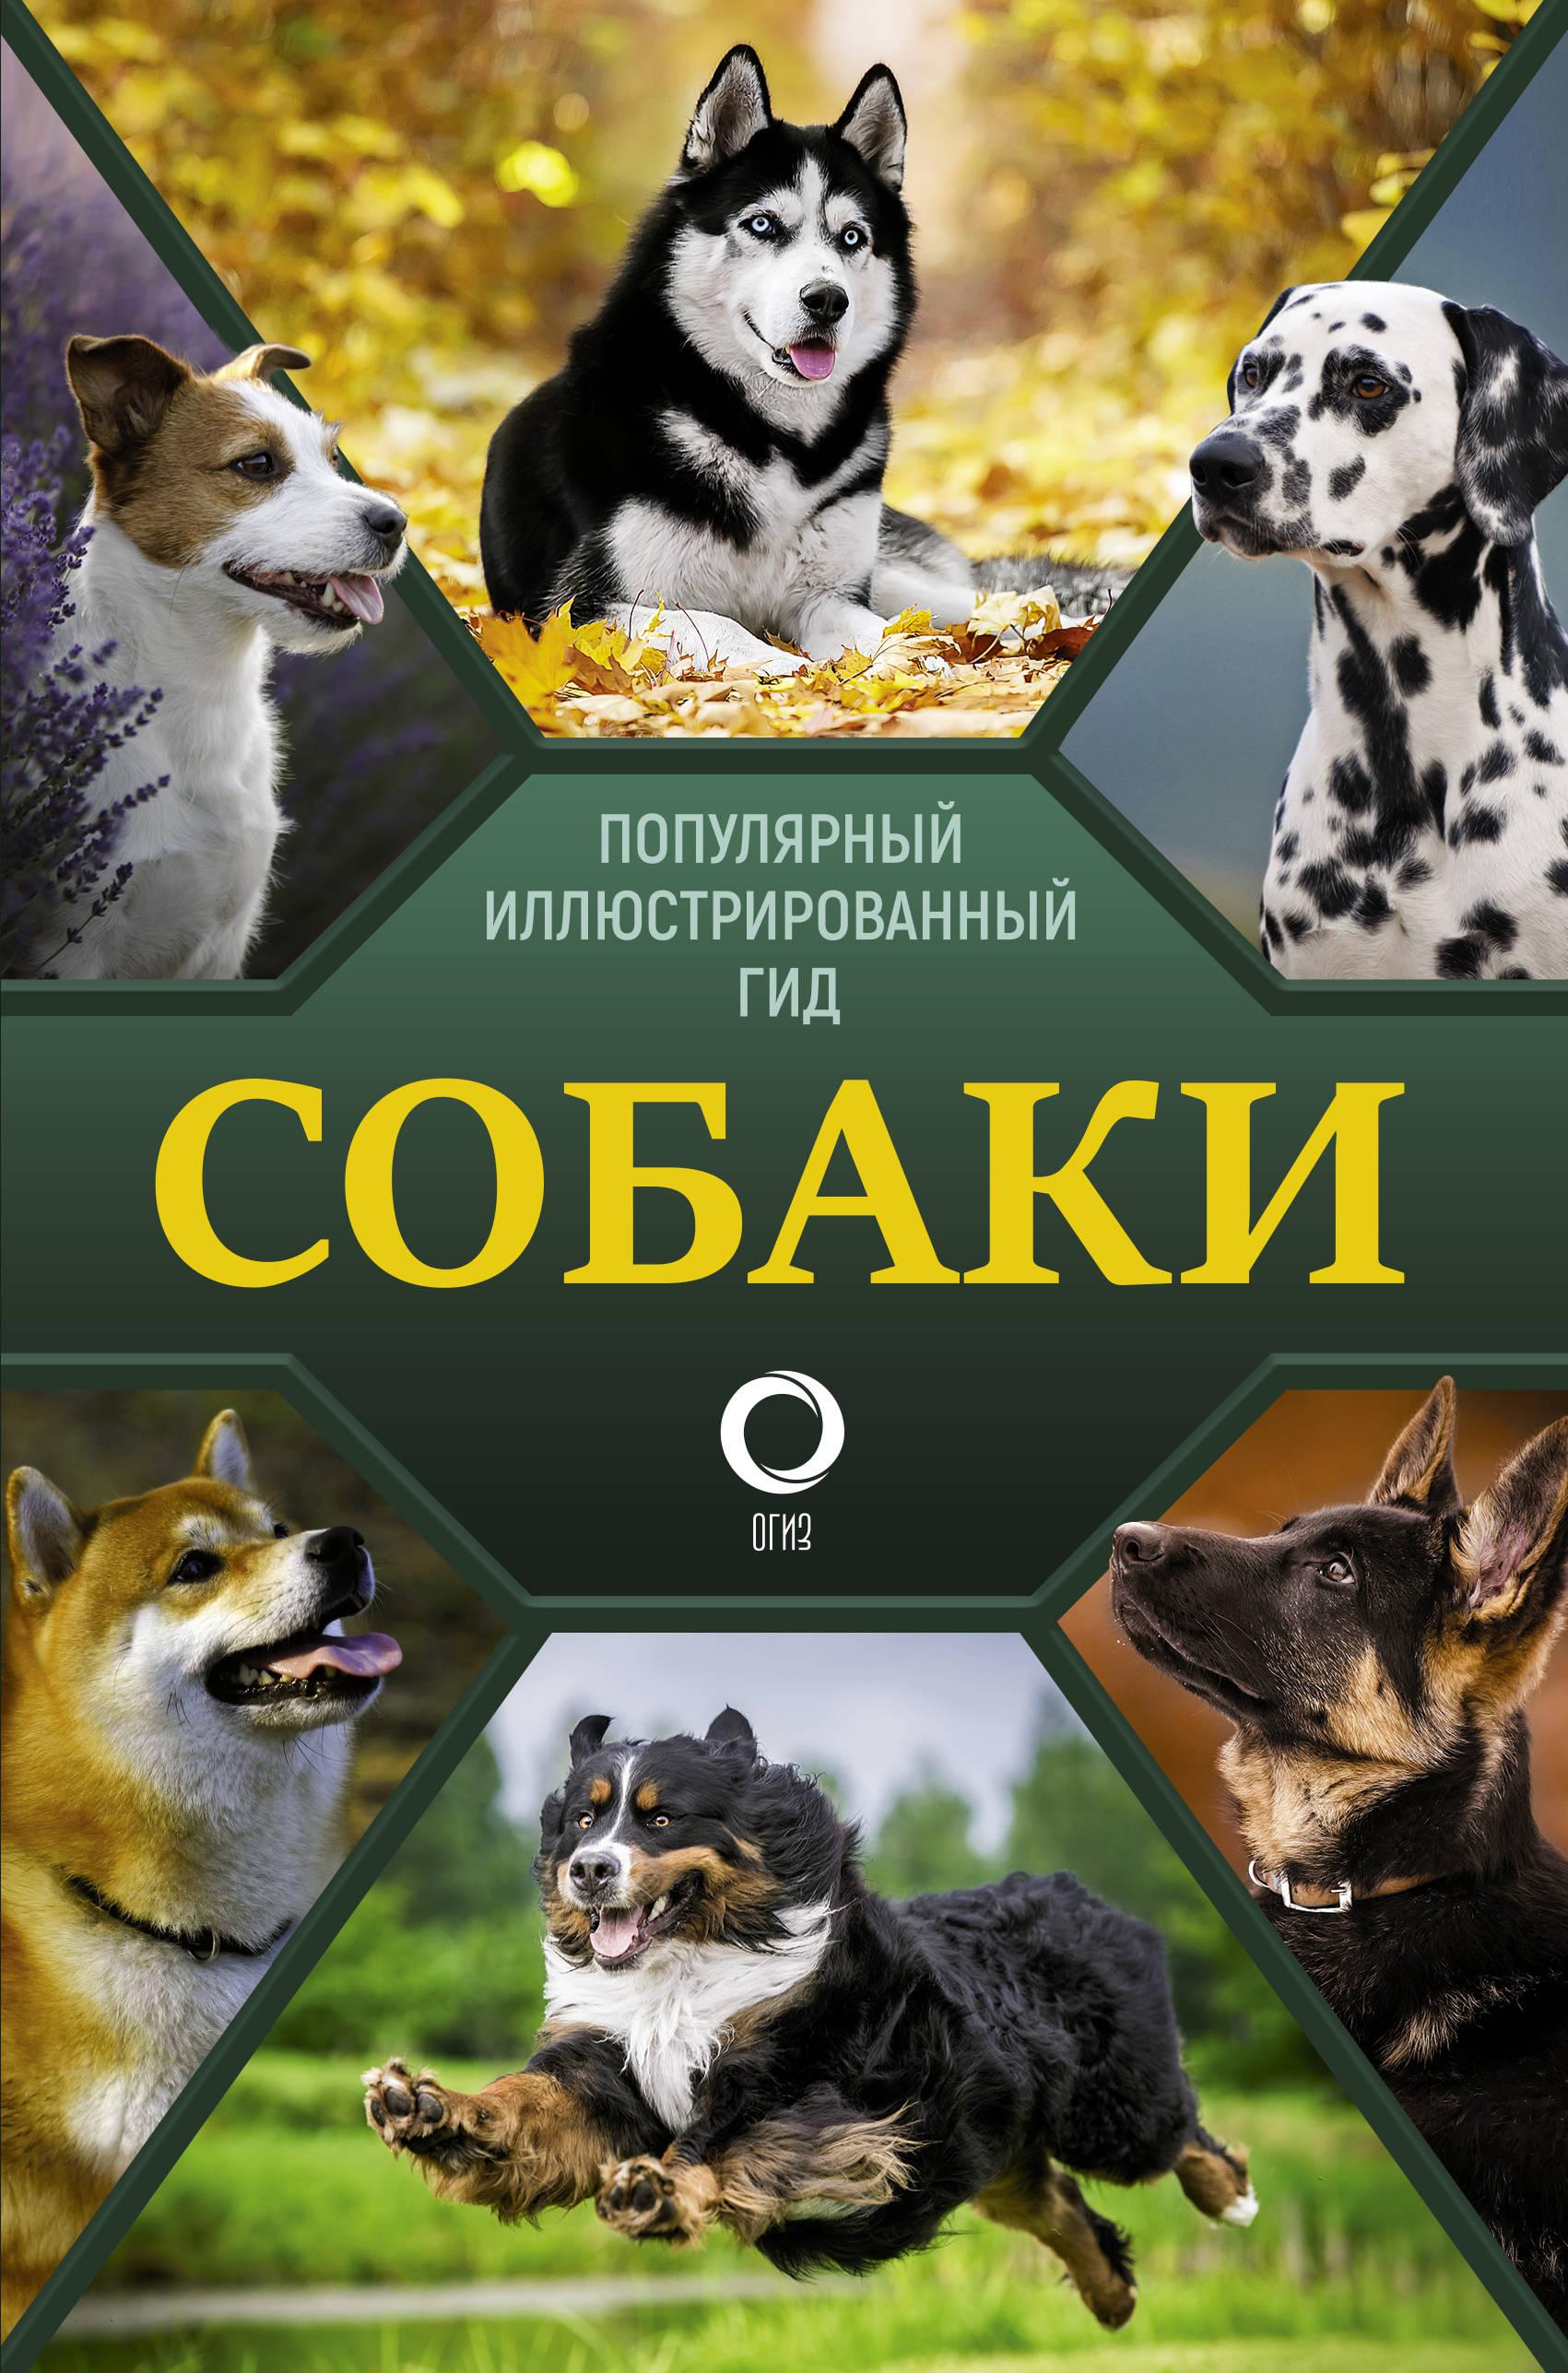 Собаки. Популярный иллюстрированный гид